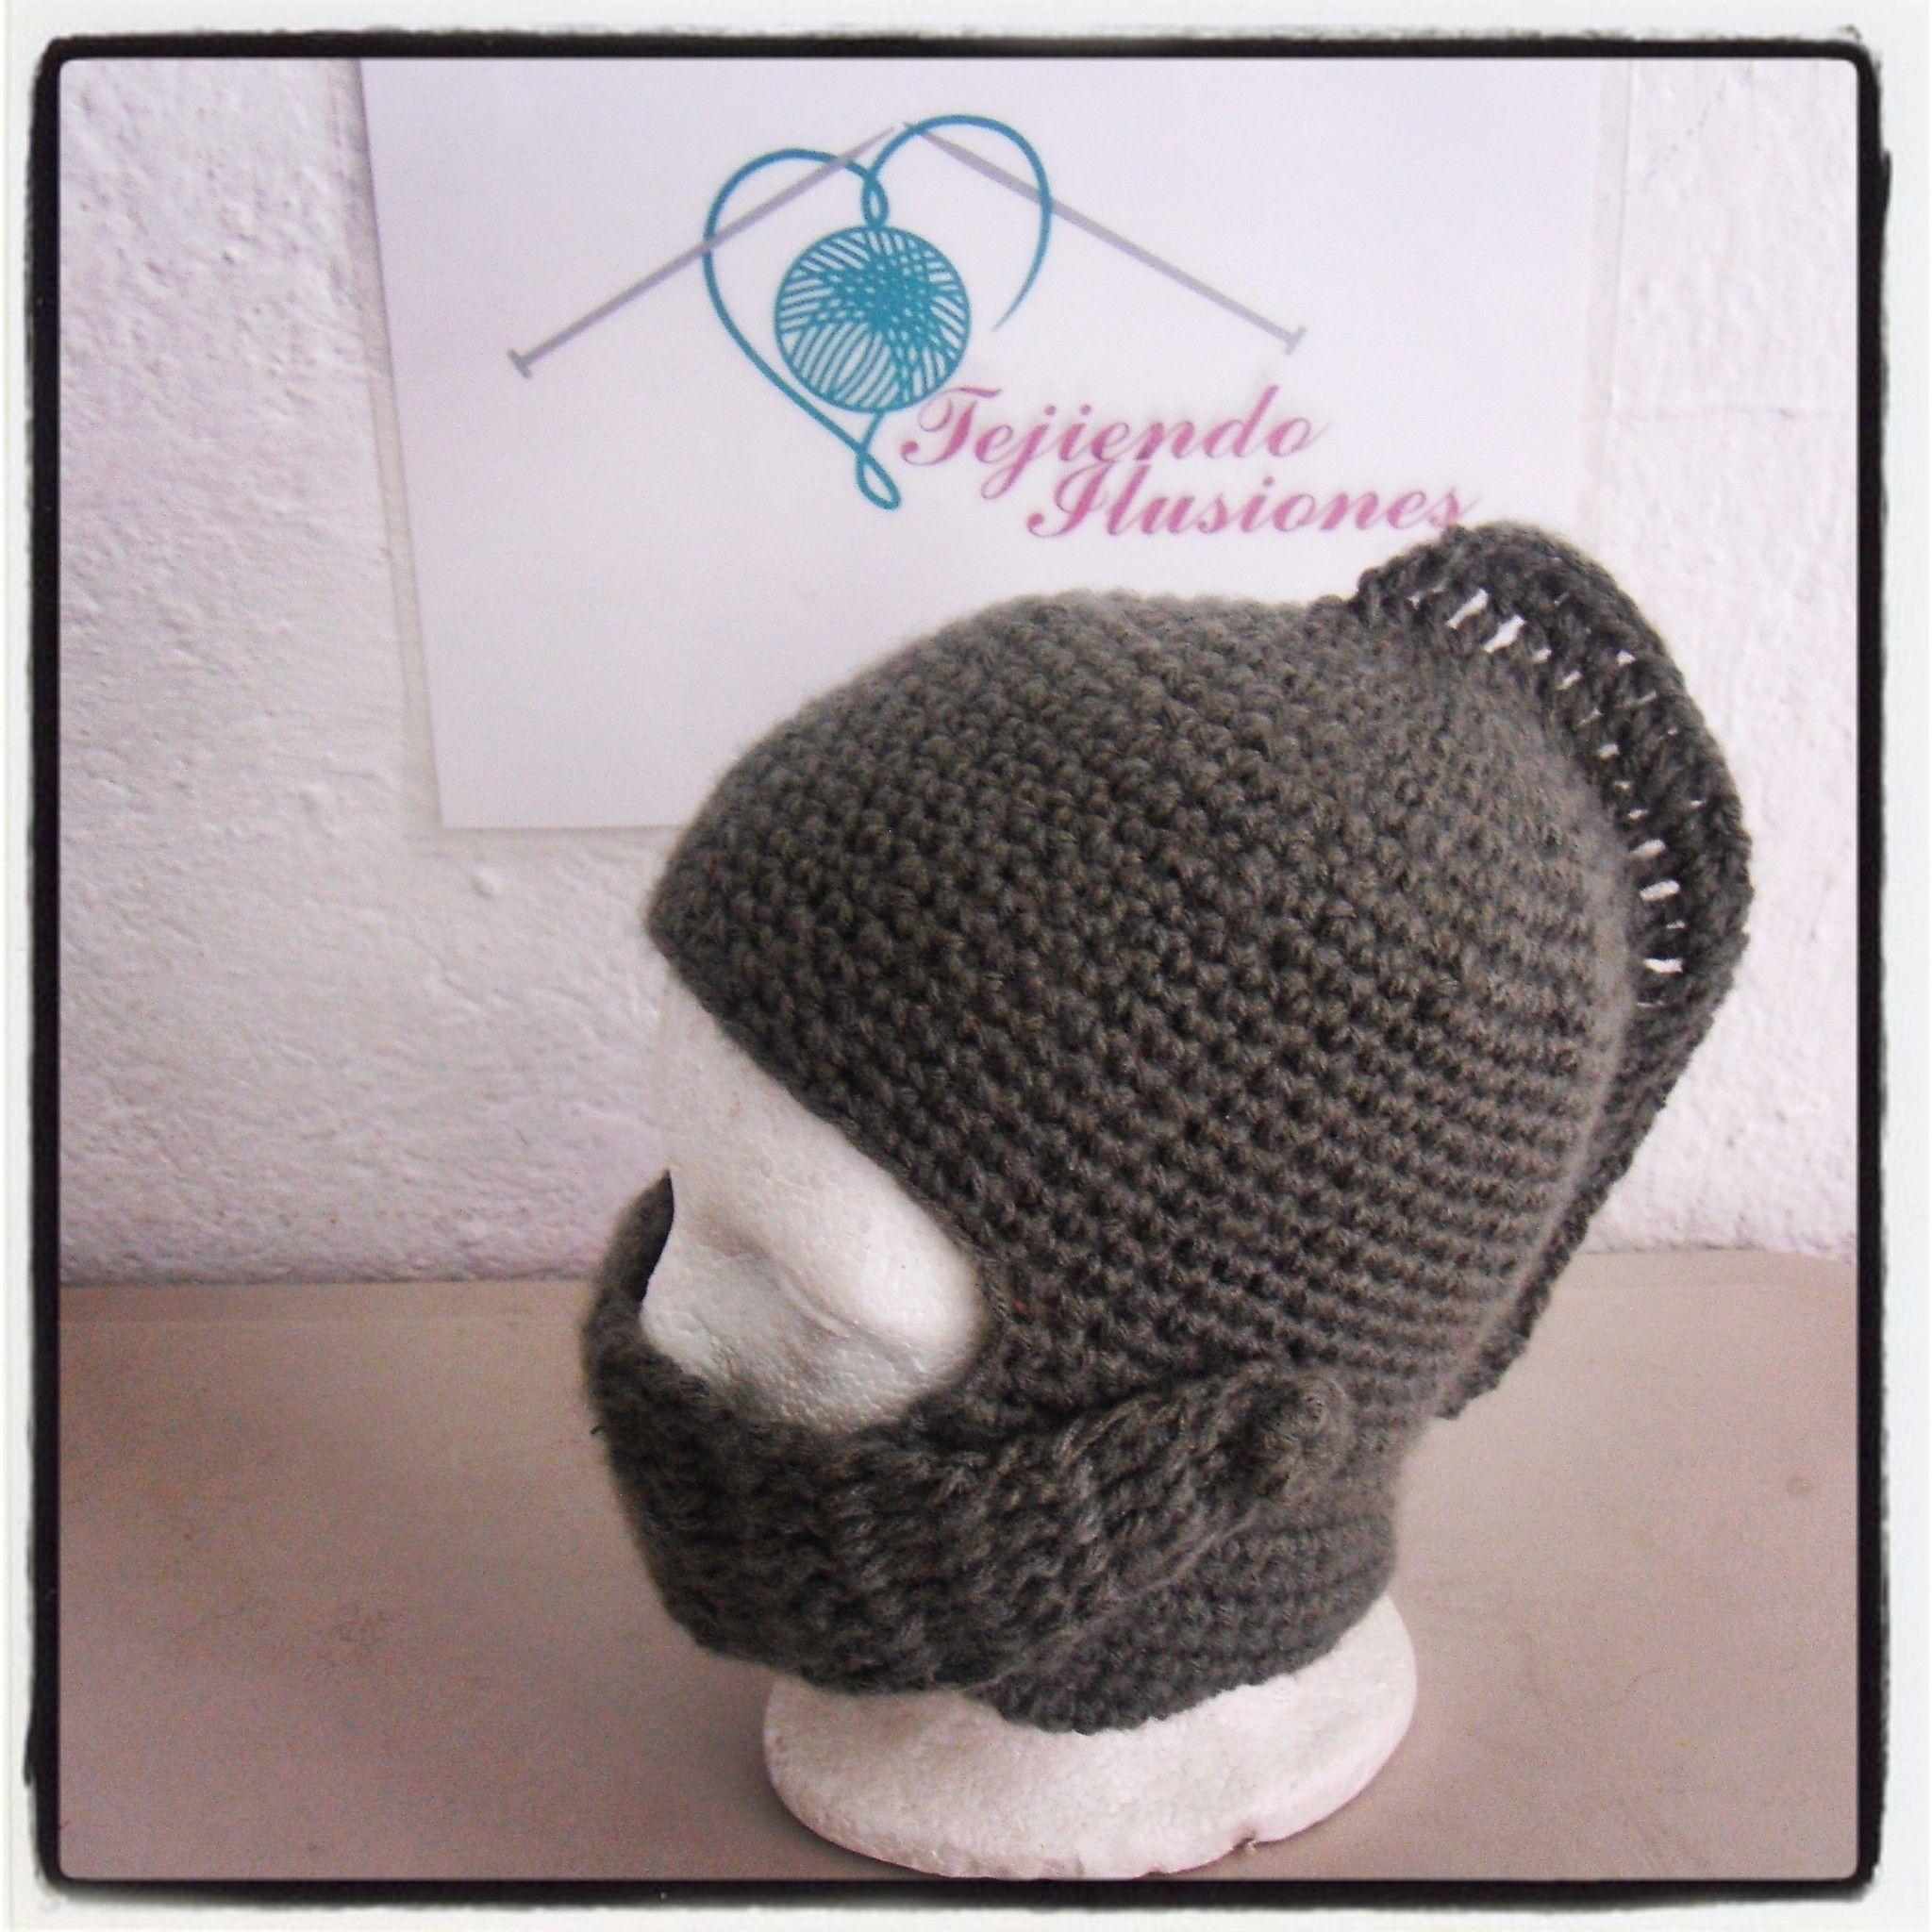 Modelo N° 3:Casco Espartano, crochet para ellos un divertido casco ...